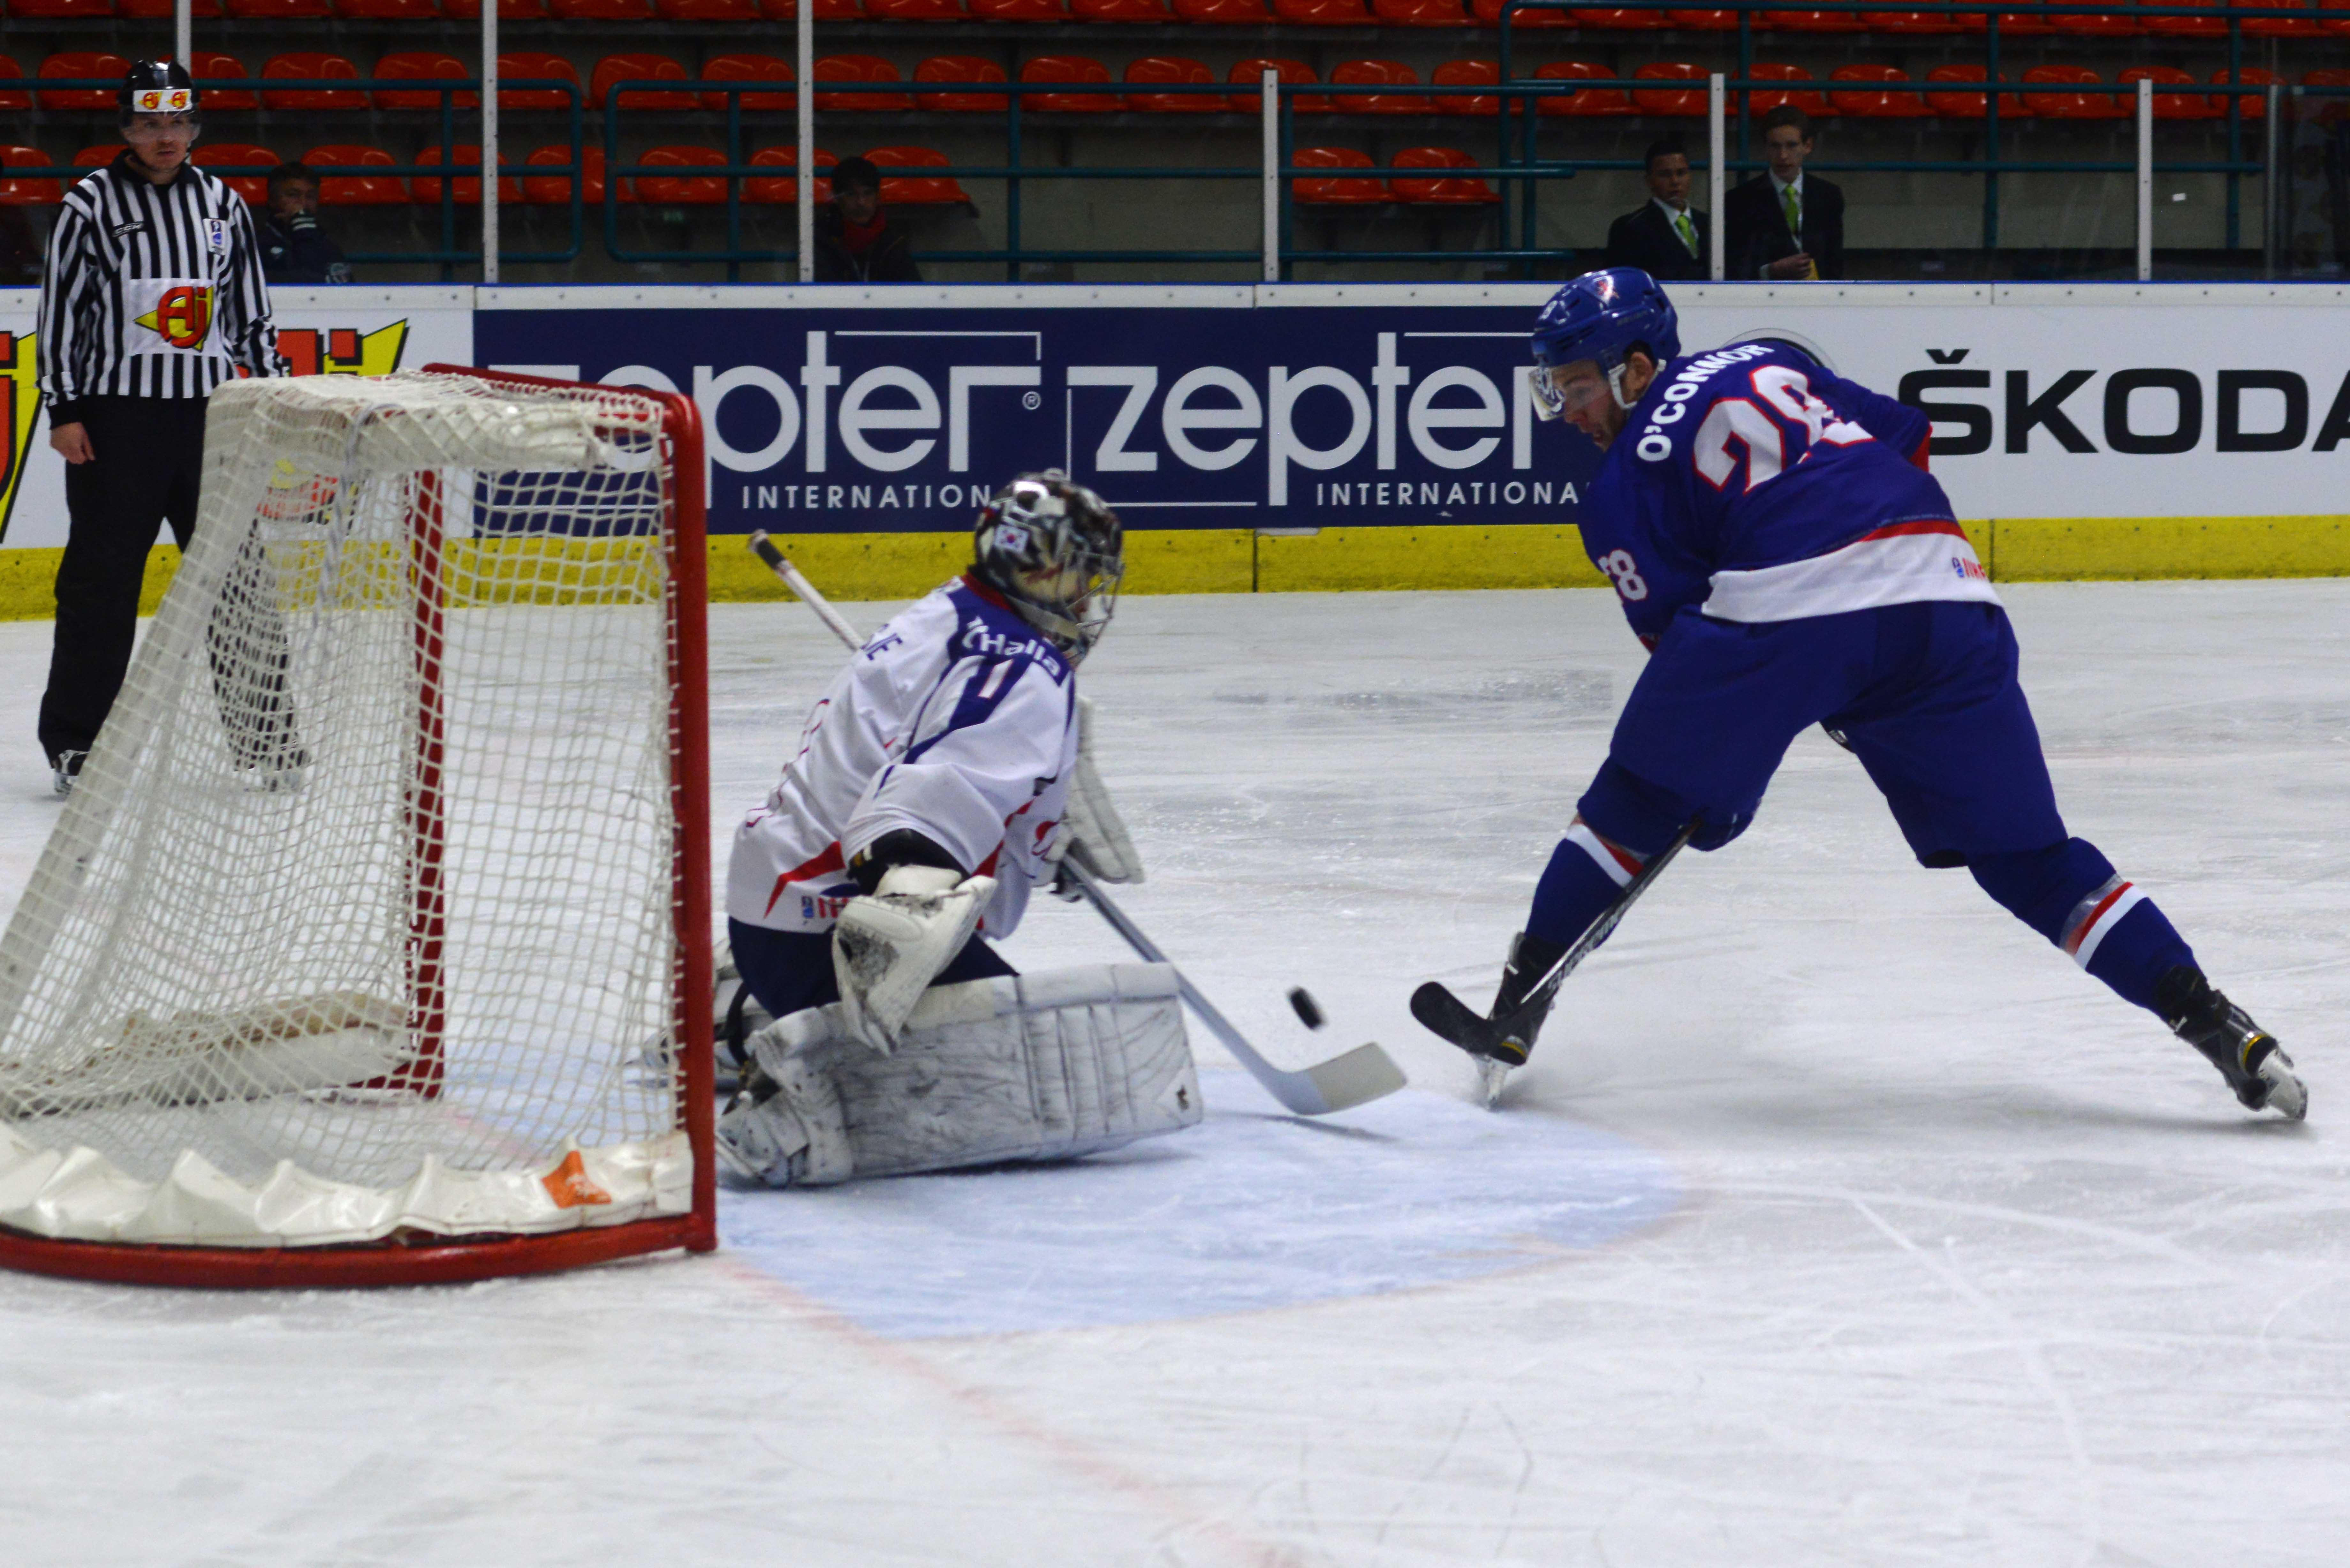 сборная Великобритании, Бен О′Коннор, Сборная Южной Кореи по хоккею